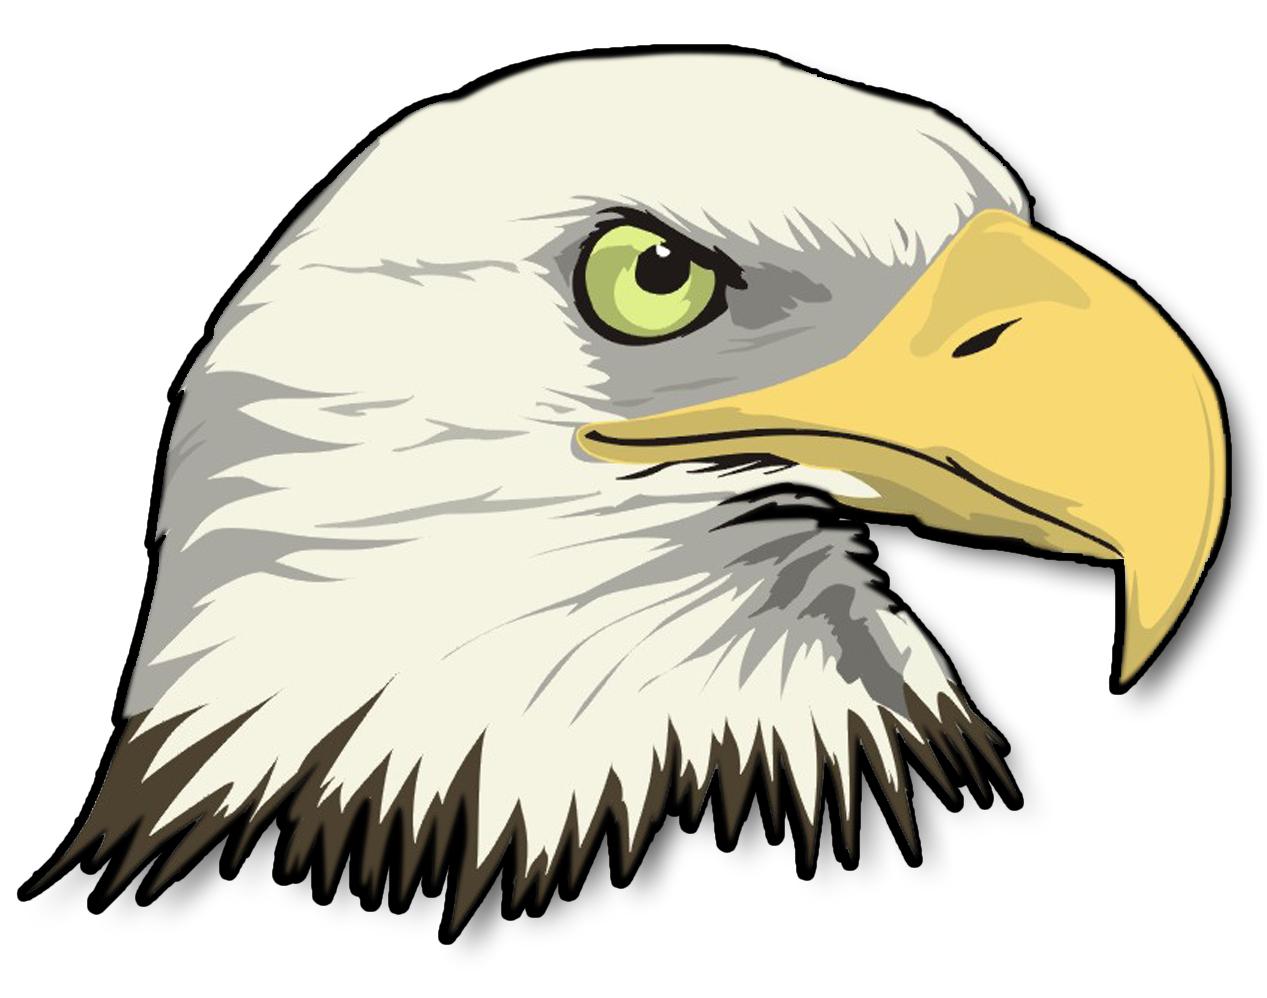 Bald Eagle clipart Clipart 9 Eagle Bald Free